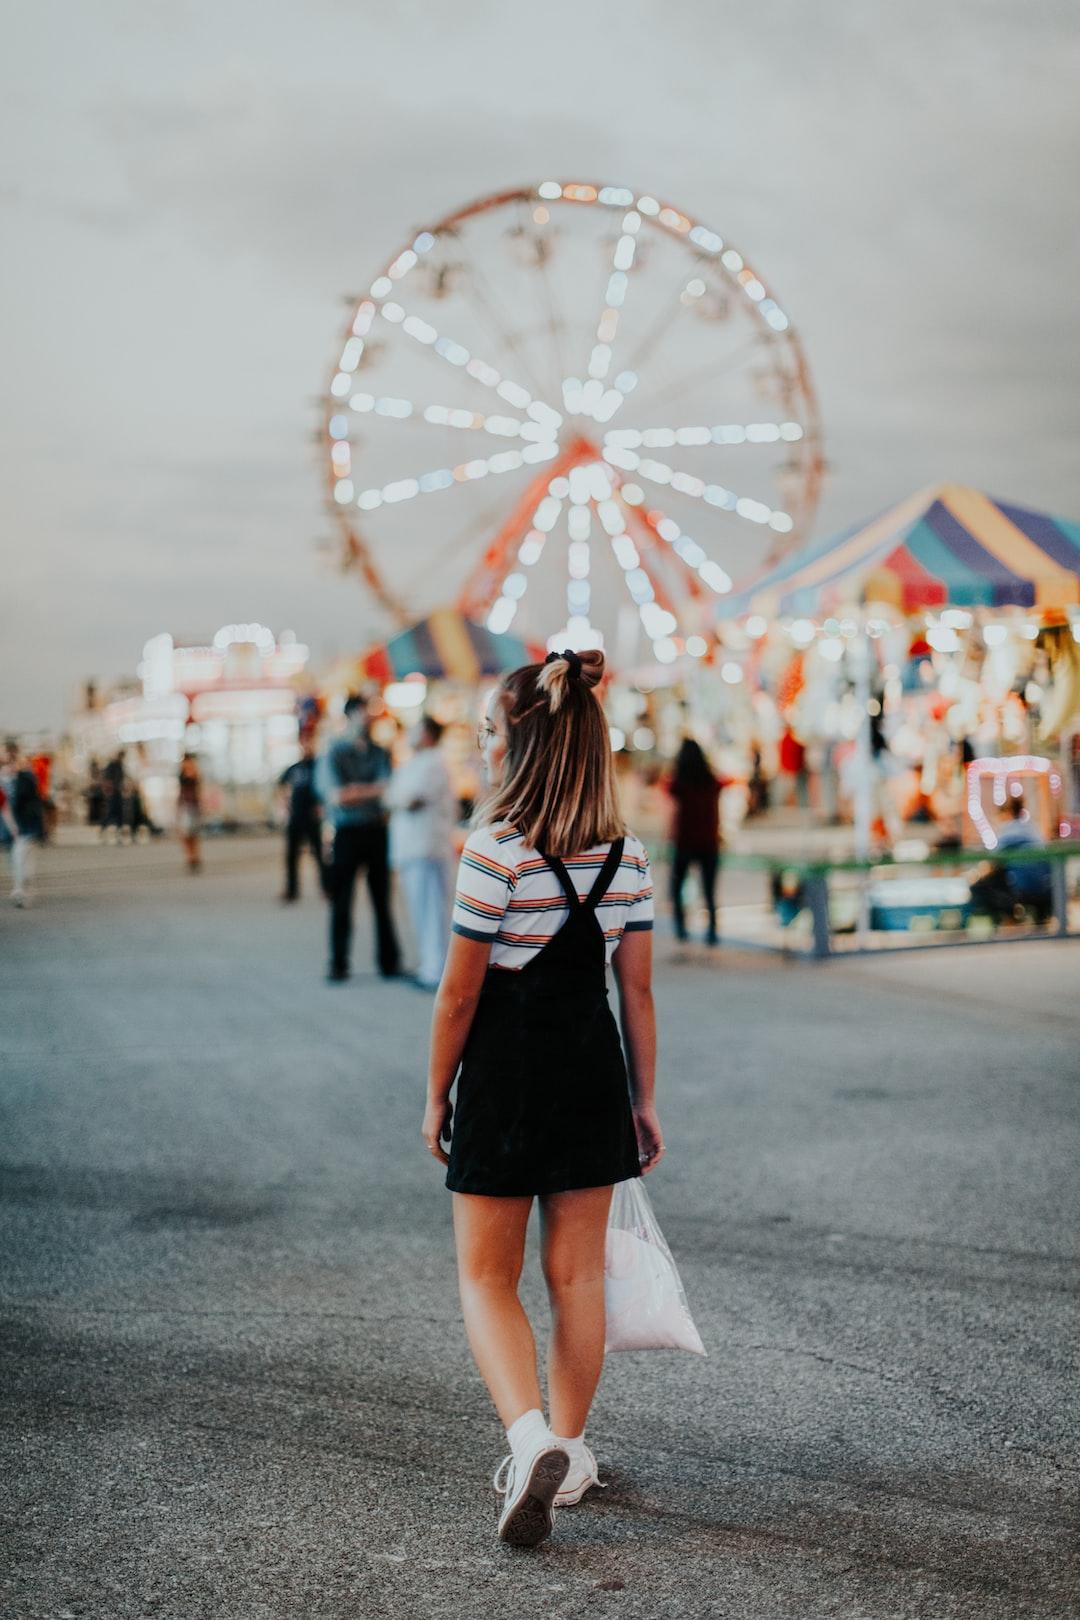 girl walking at fair